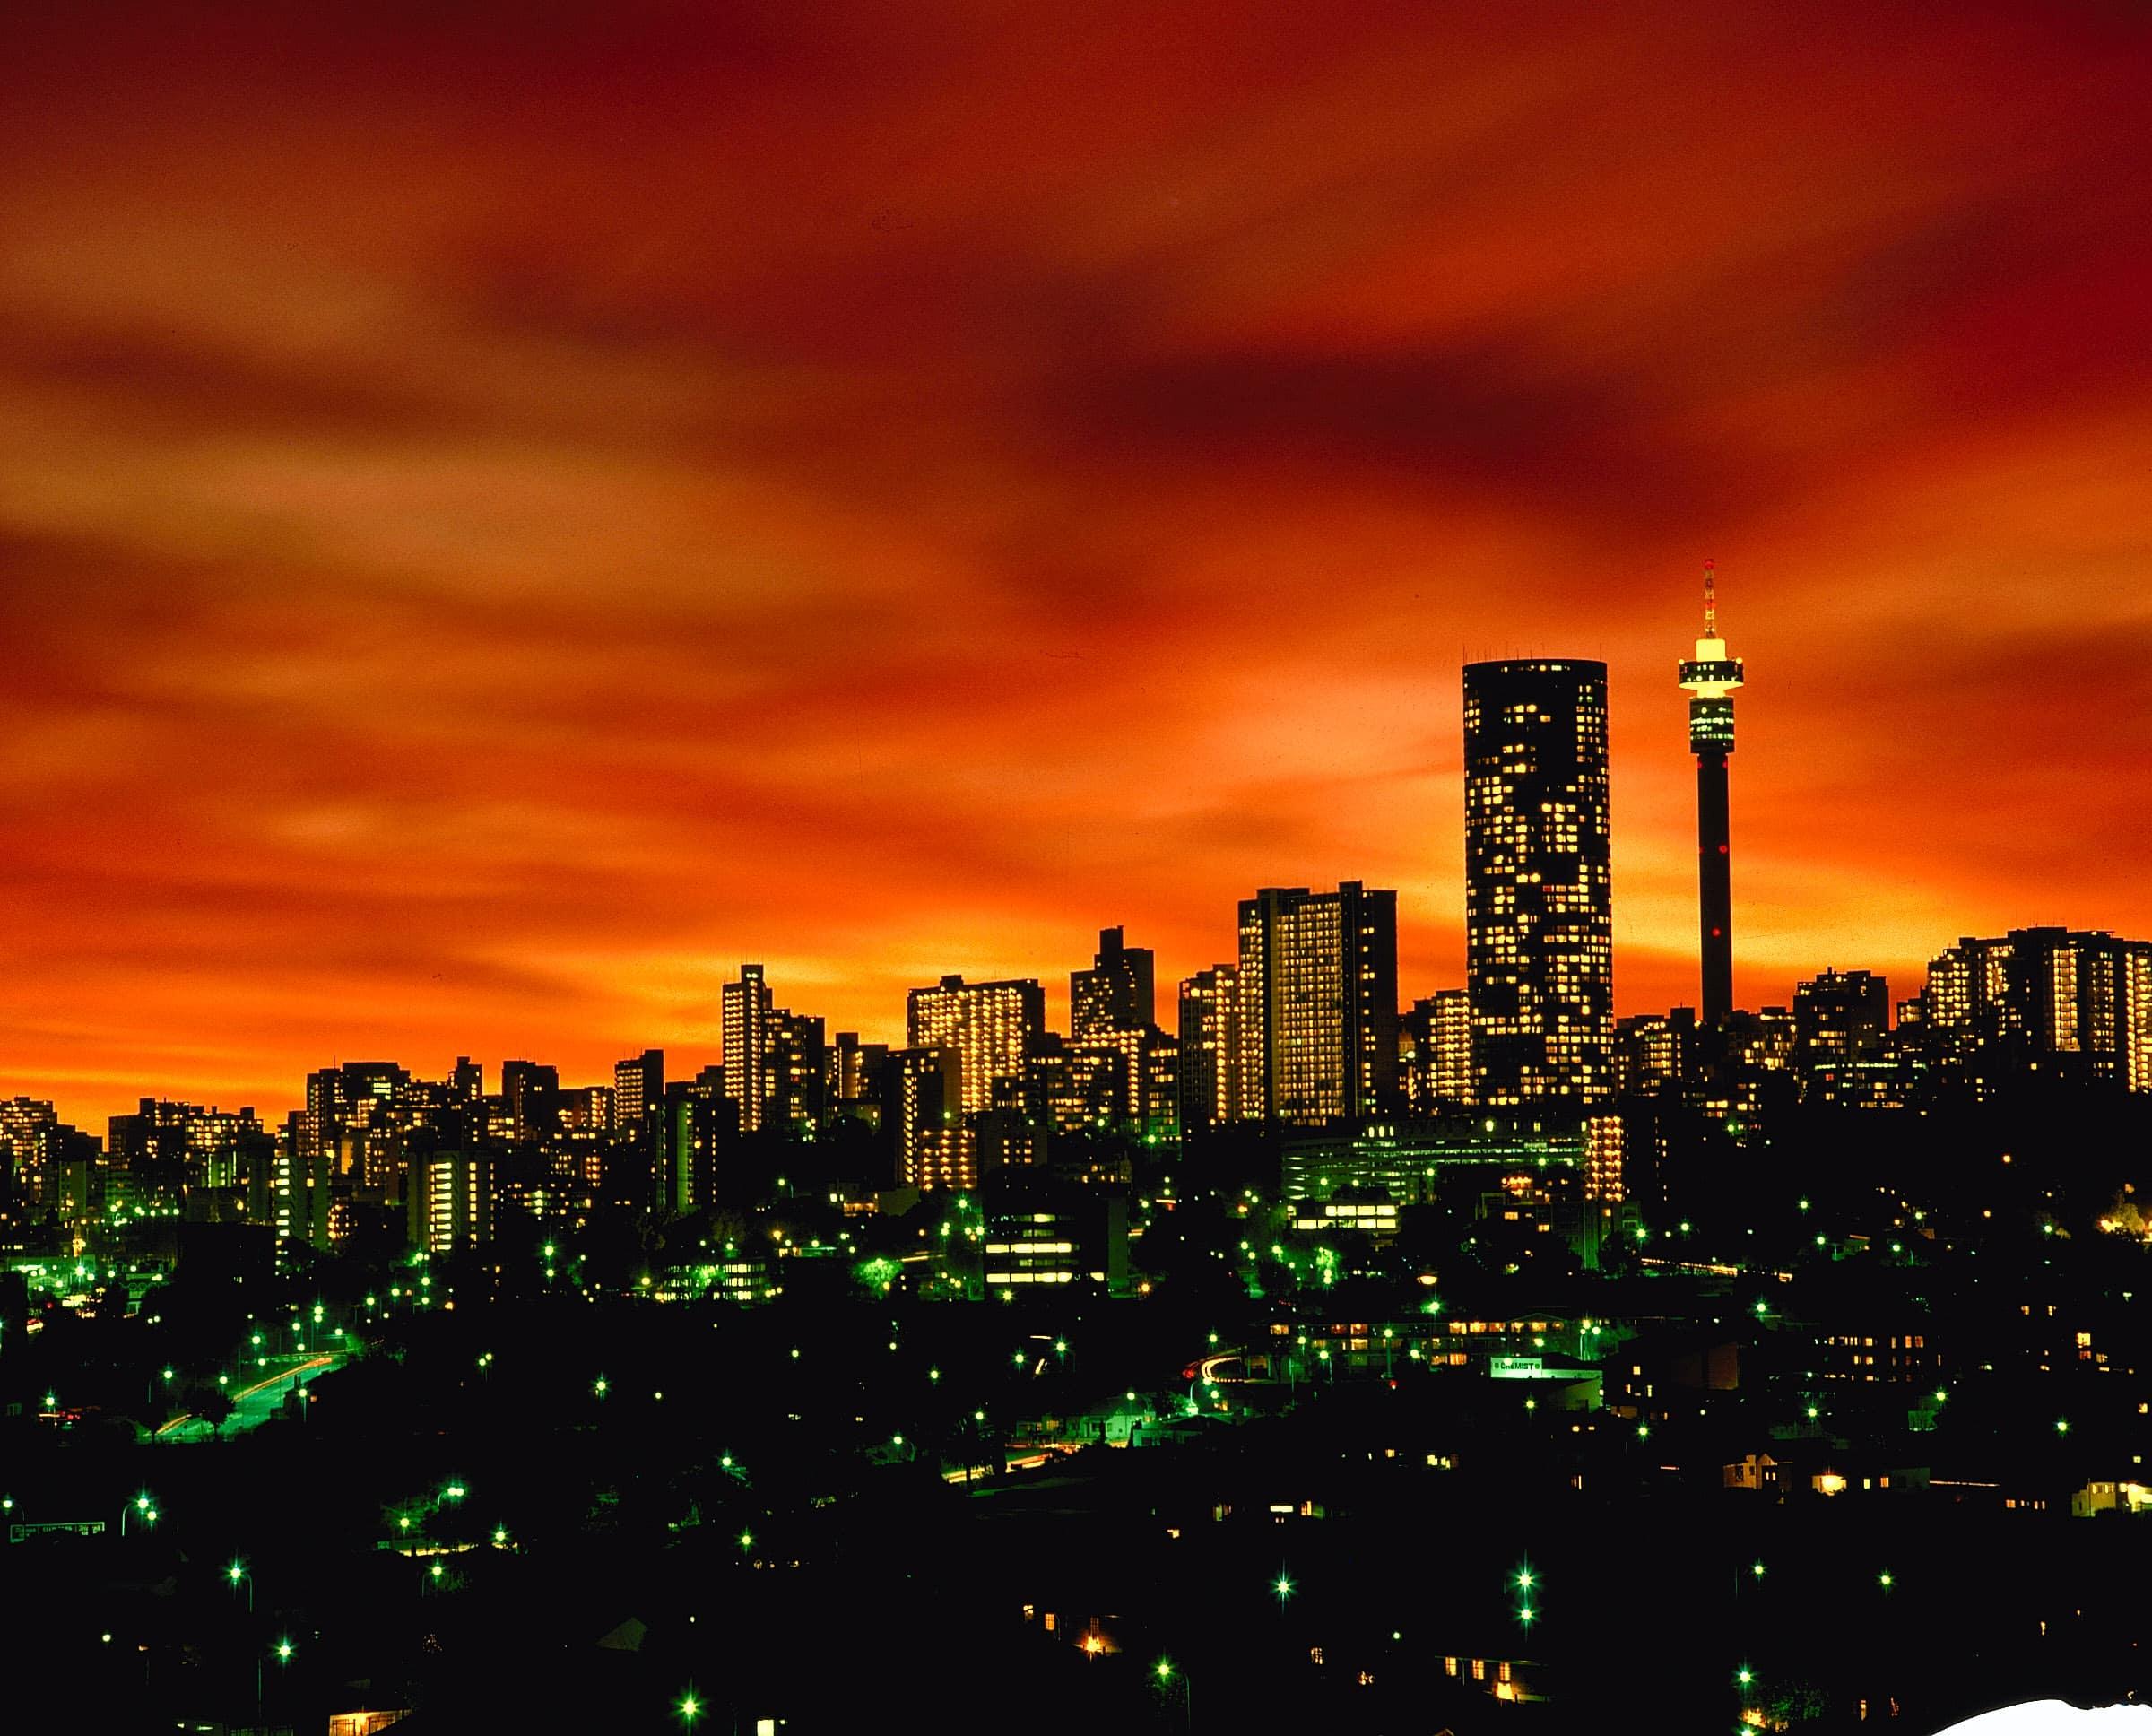 couchers-de-soleil-johannesburg-afrique-du-sud-decouverte